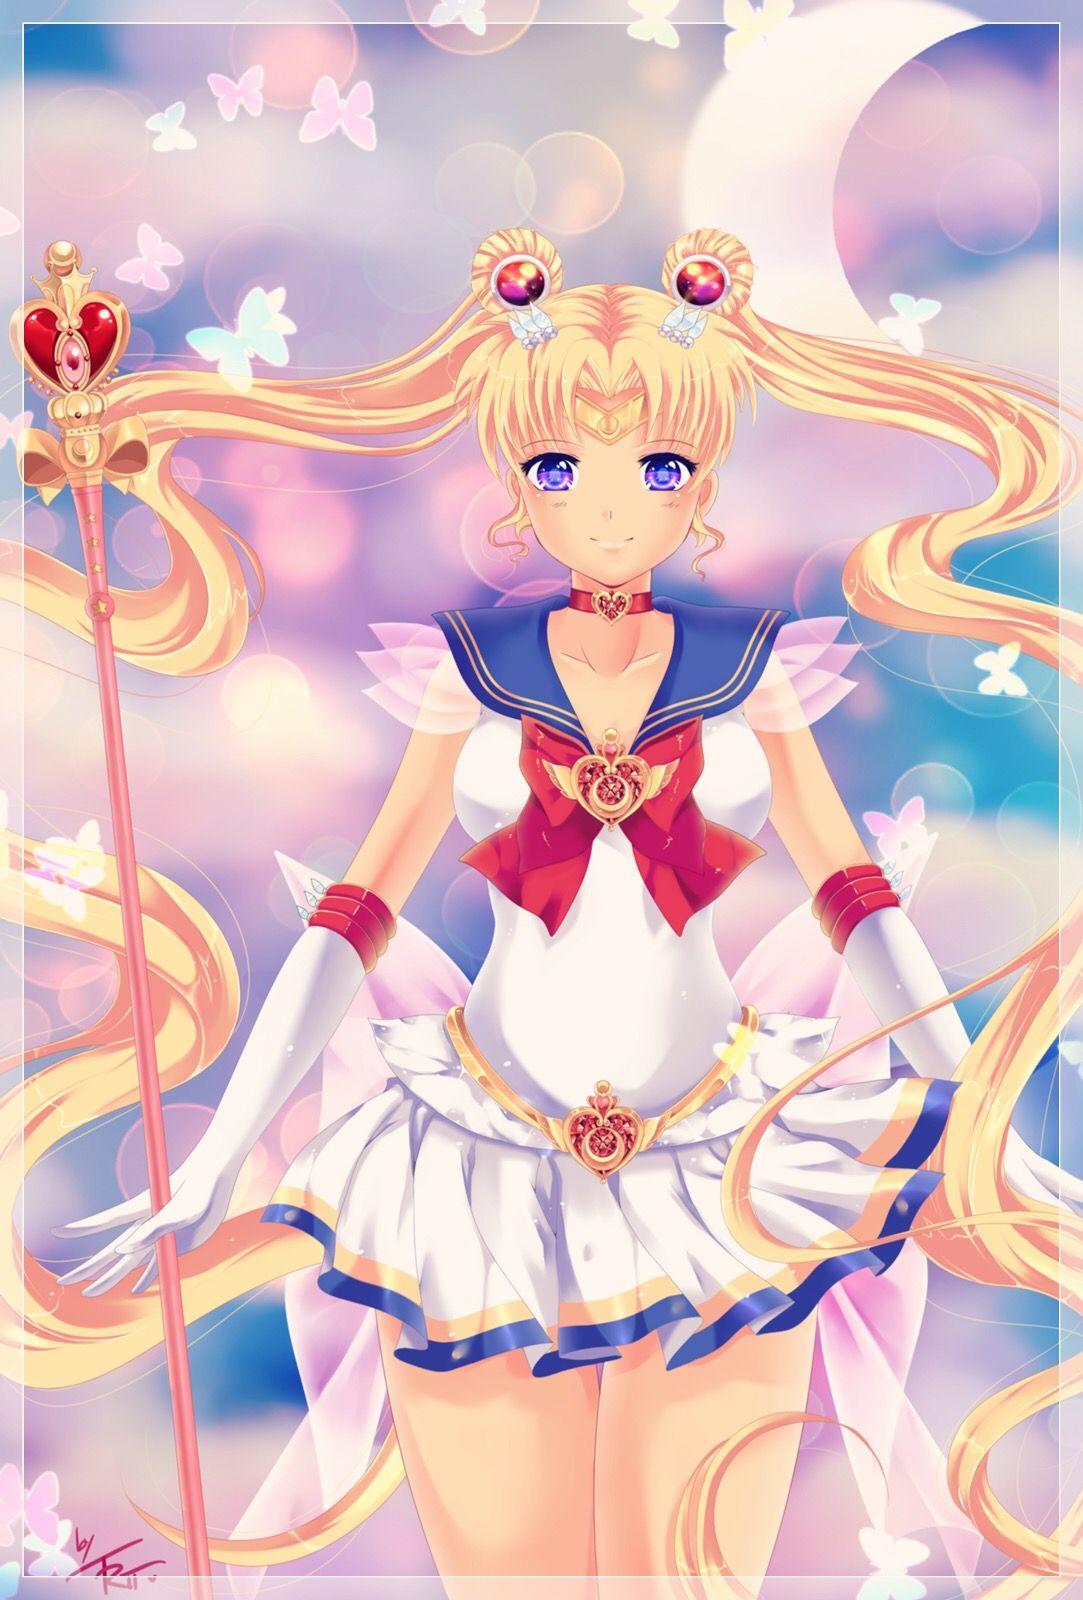 Pin de Val2187 en Sailor moon !!! ️ Sailor moon